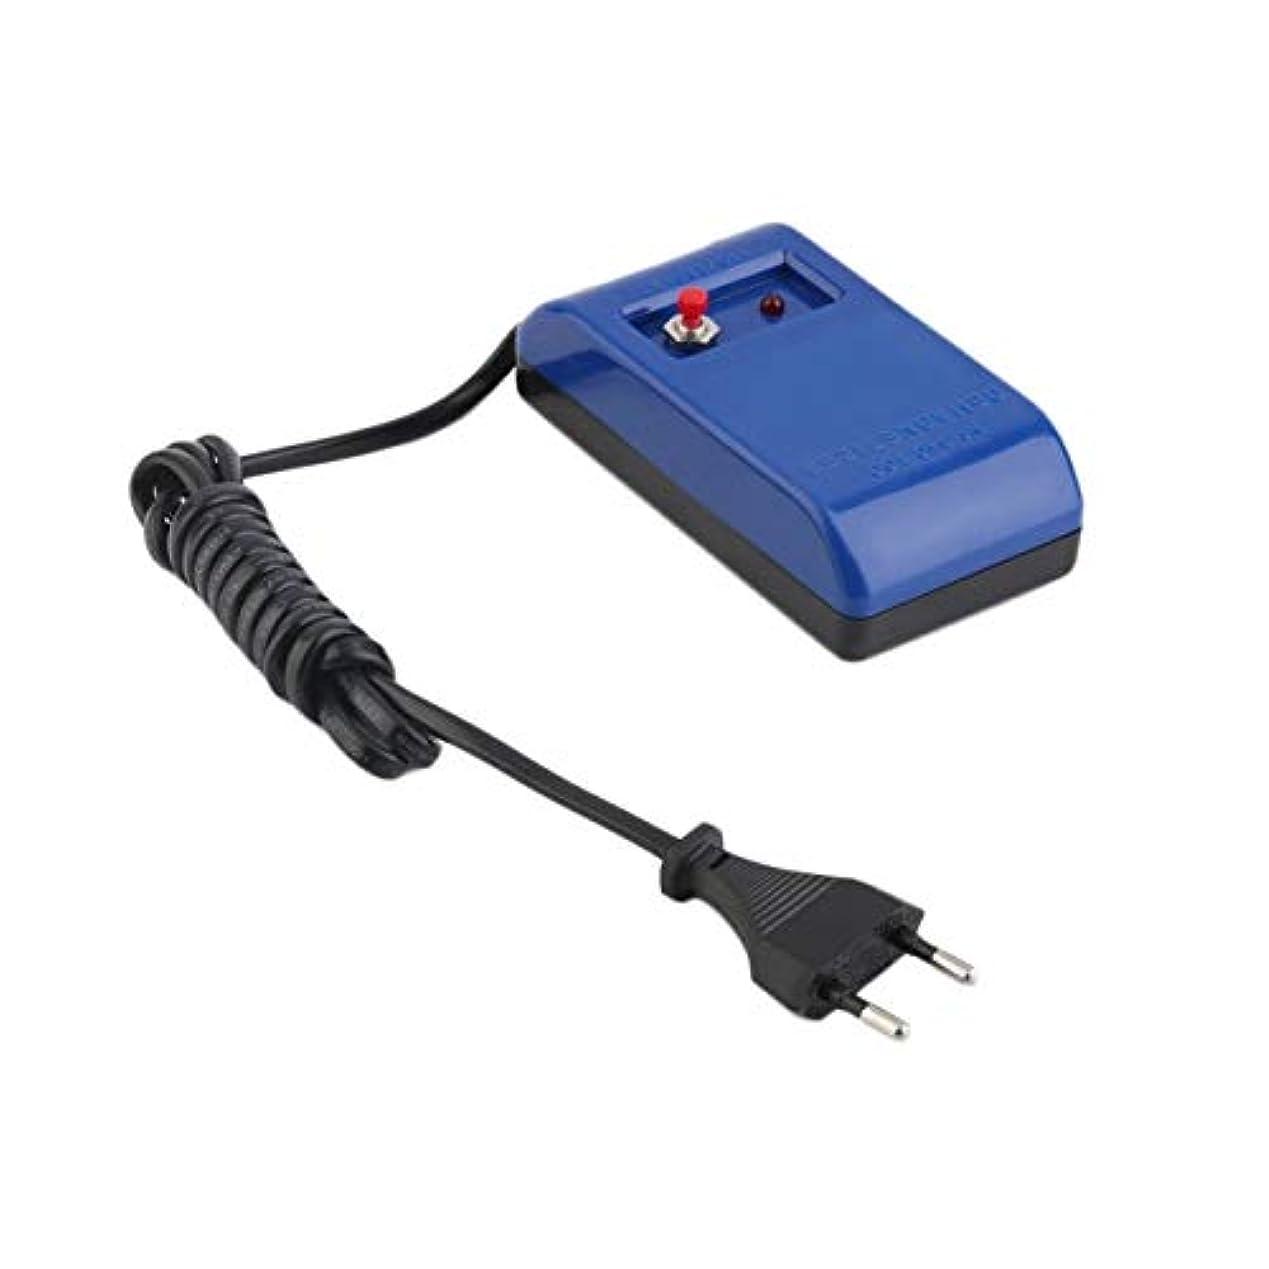 魅了する集める掻くDeeploveUU ポータブル丈夫な時計ツールドライバーとピンセットDemagnetizer電気Demagnetize修理キットツール